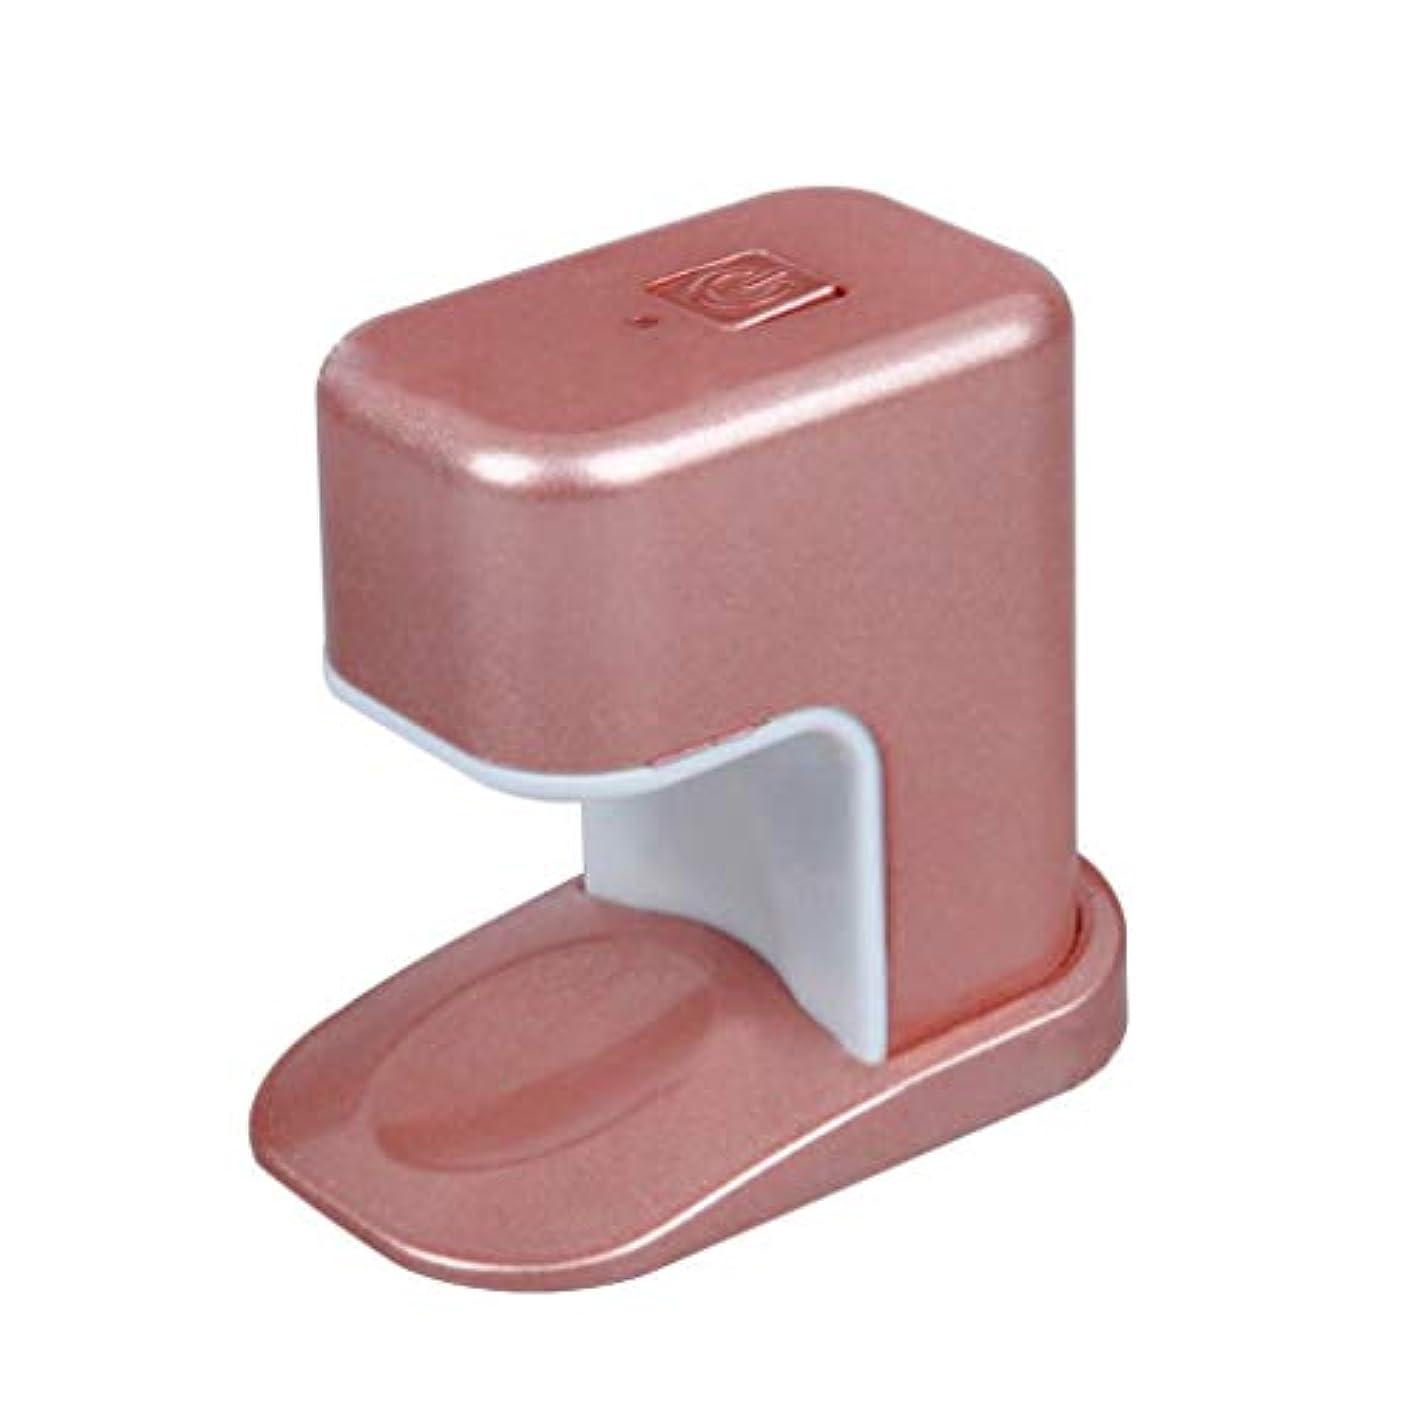 として未払いめったにPaick ネイルドライヤー 3W LED電球 USBケーブル UV マニキュアドライヤー ニポータブル単一指ネイルアートのLED 3色選べ - ピンク